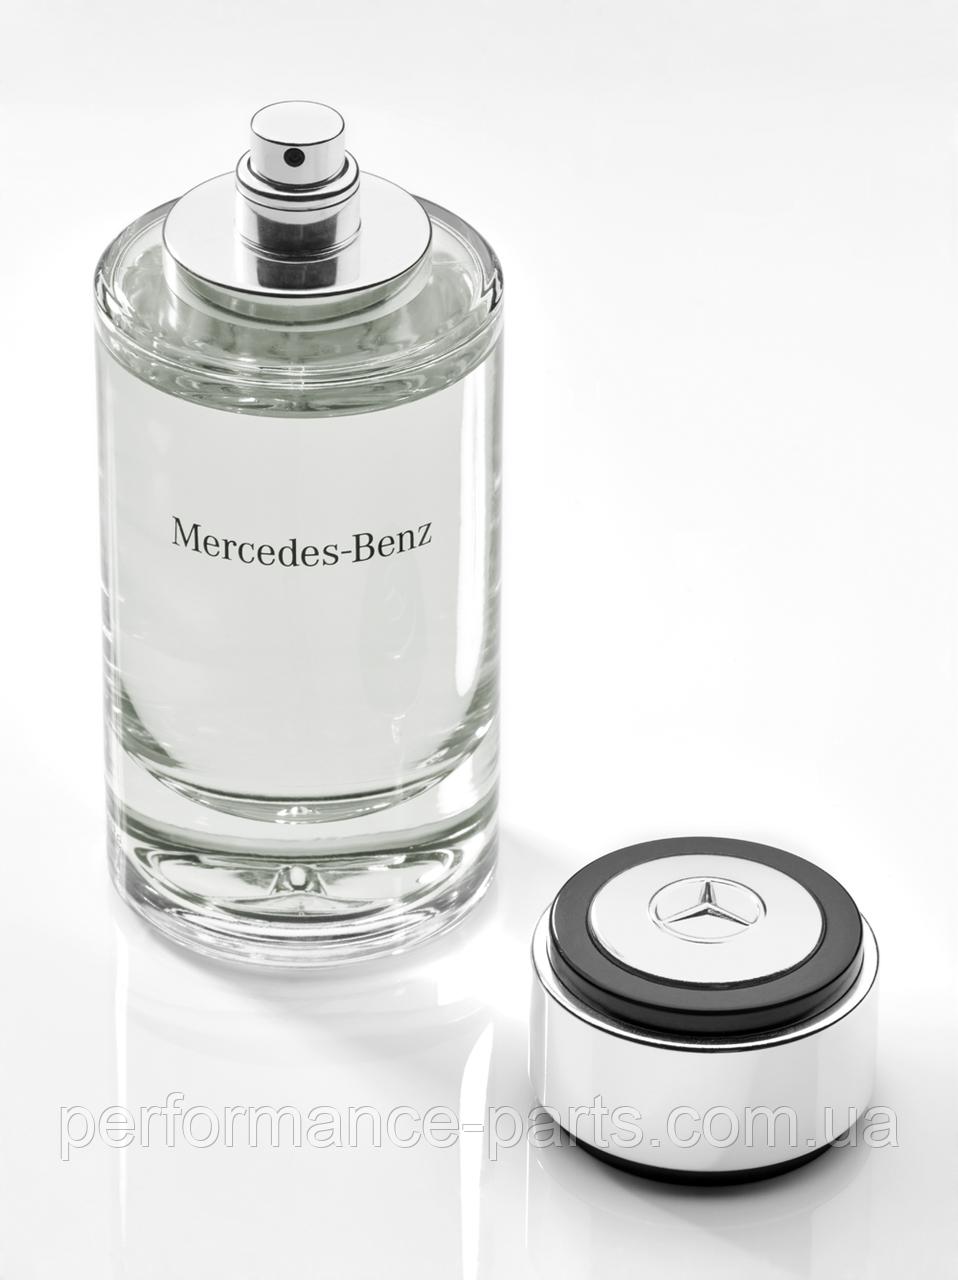 Мужская туалетная вода Mercedes-Benz Perfume Men, 75 ml B66958225